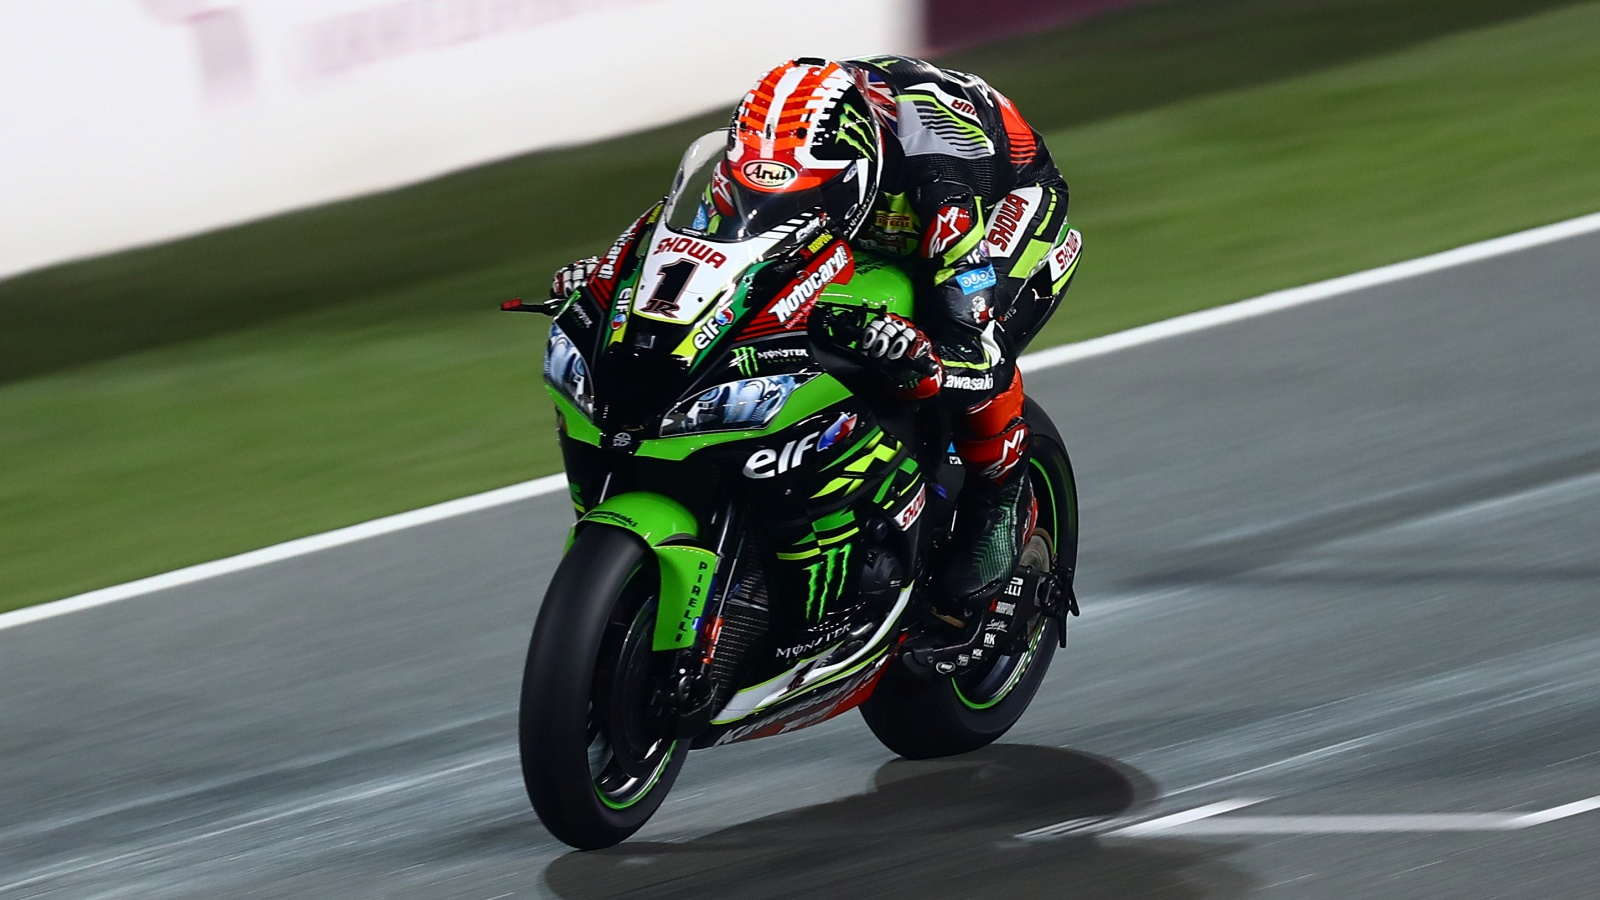 Jonathan Rea vence en Qatar y asegura el título de constructores para Kawasaki